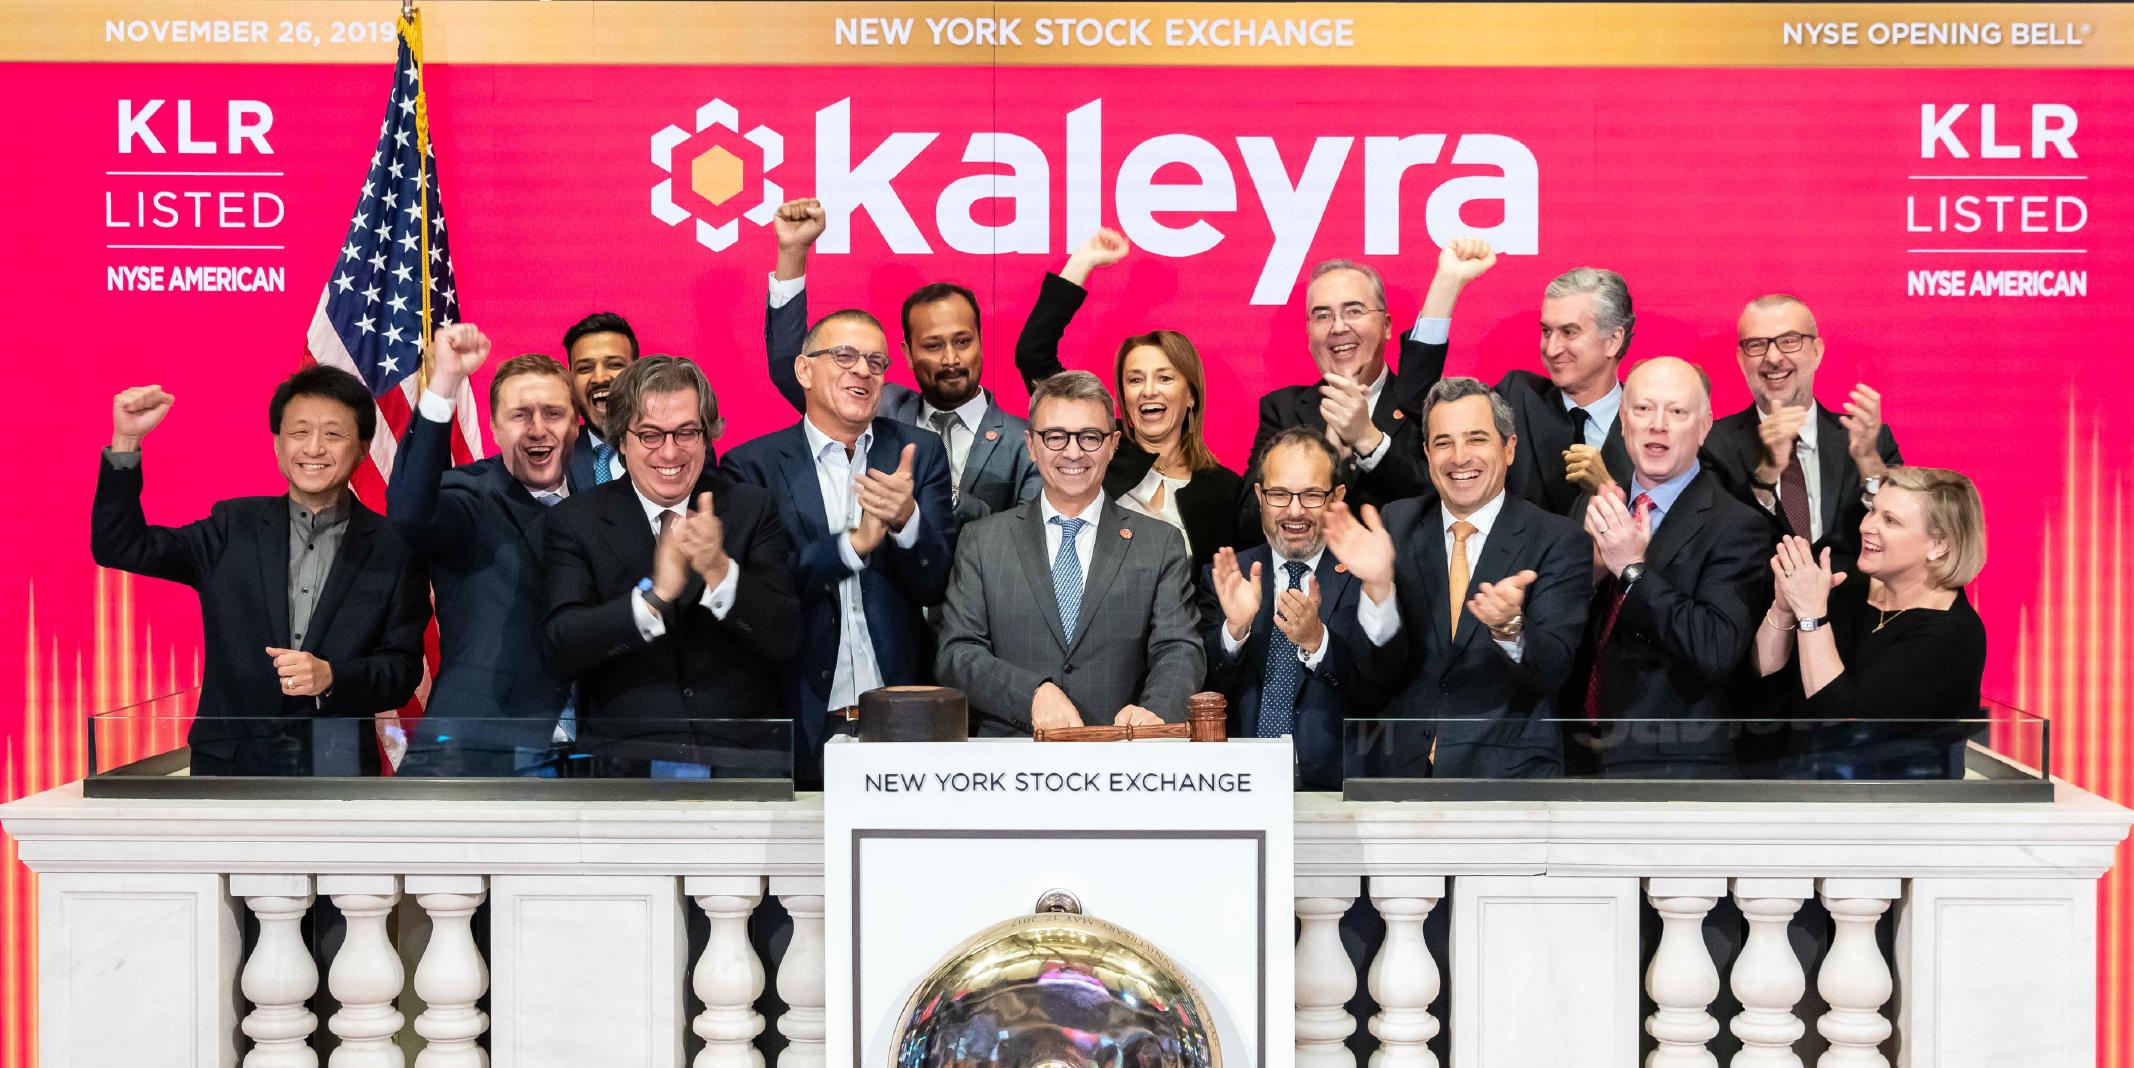 Kaleyra NYSE listing